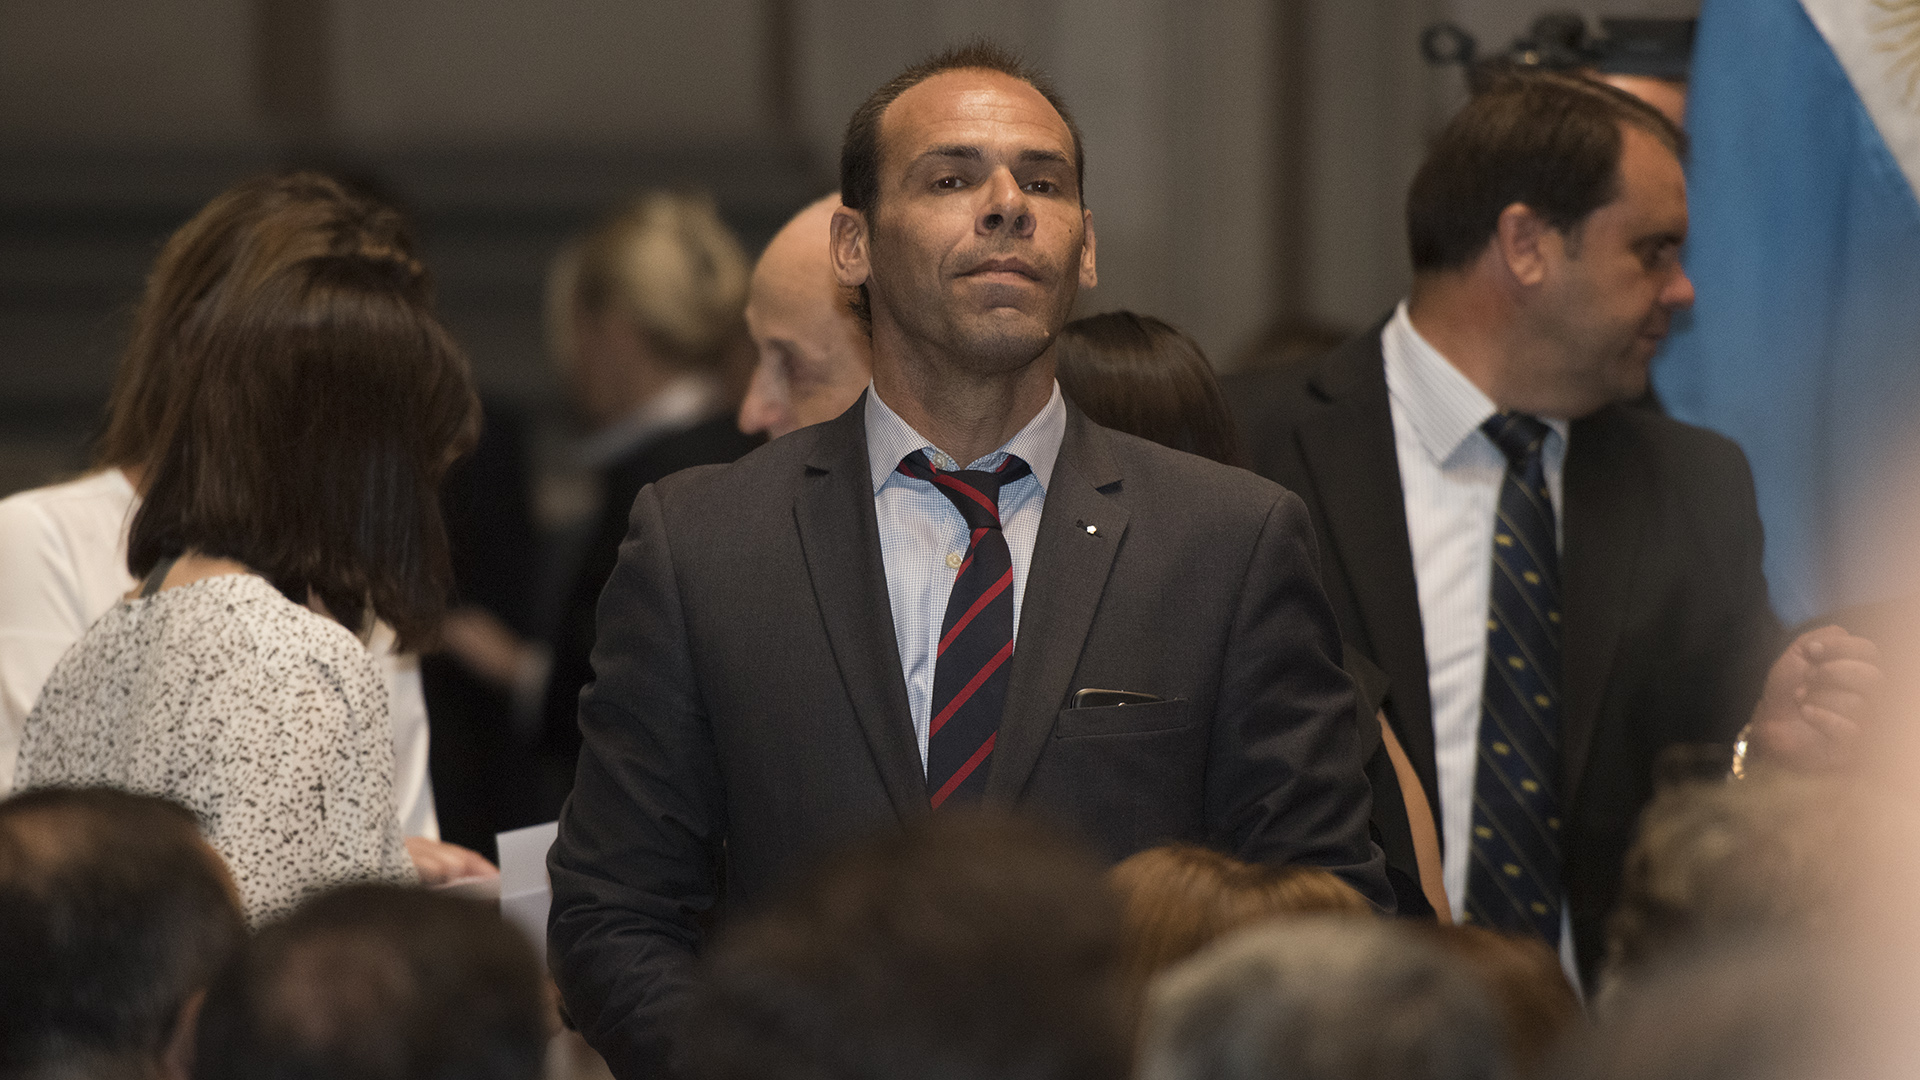 Juan Manuel Montesano, secretario de la Cámara federal de Casación Penal